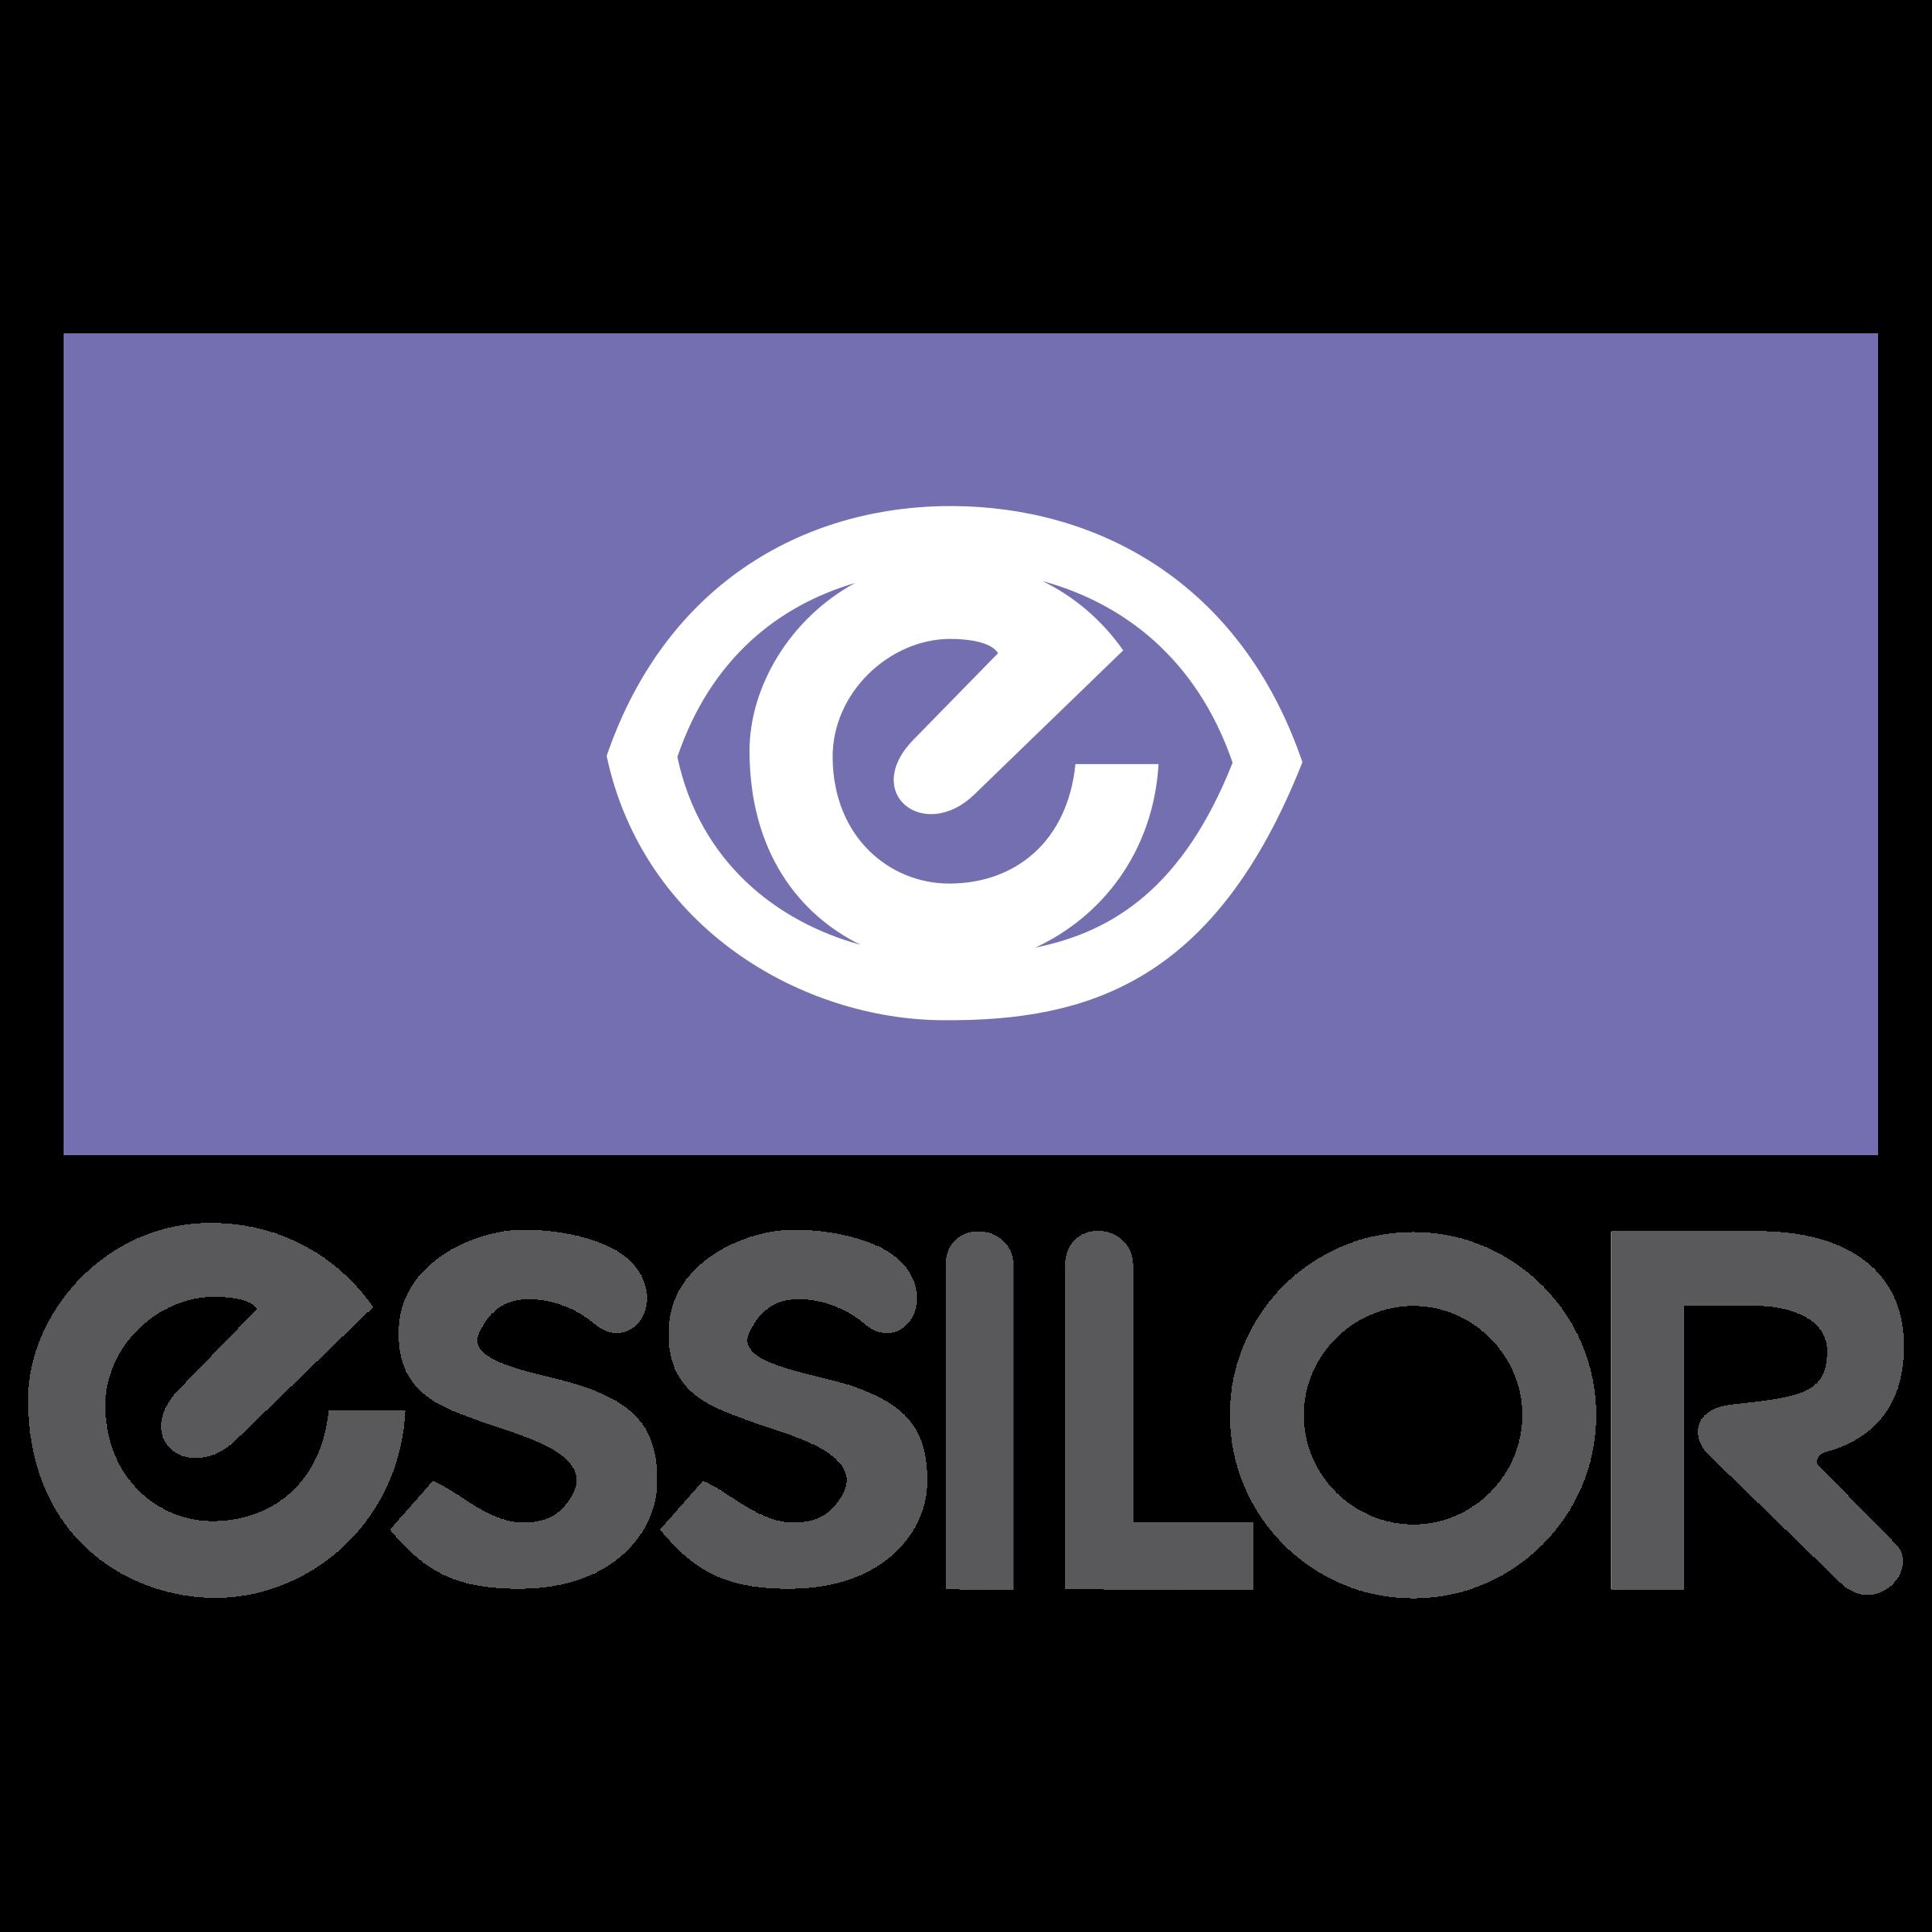 Essilor Logo PNG Transparent & SVG Vector.